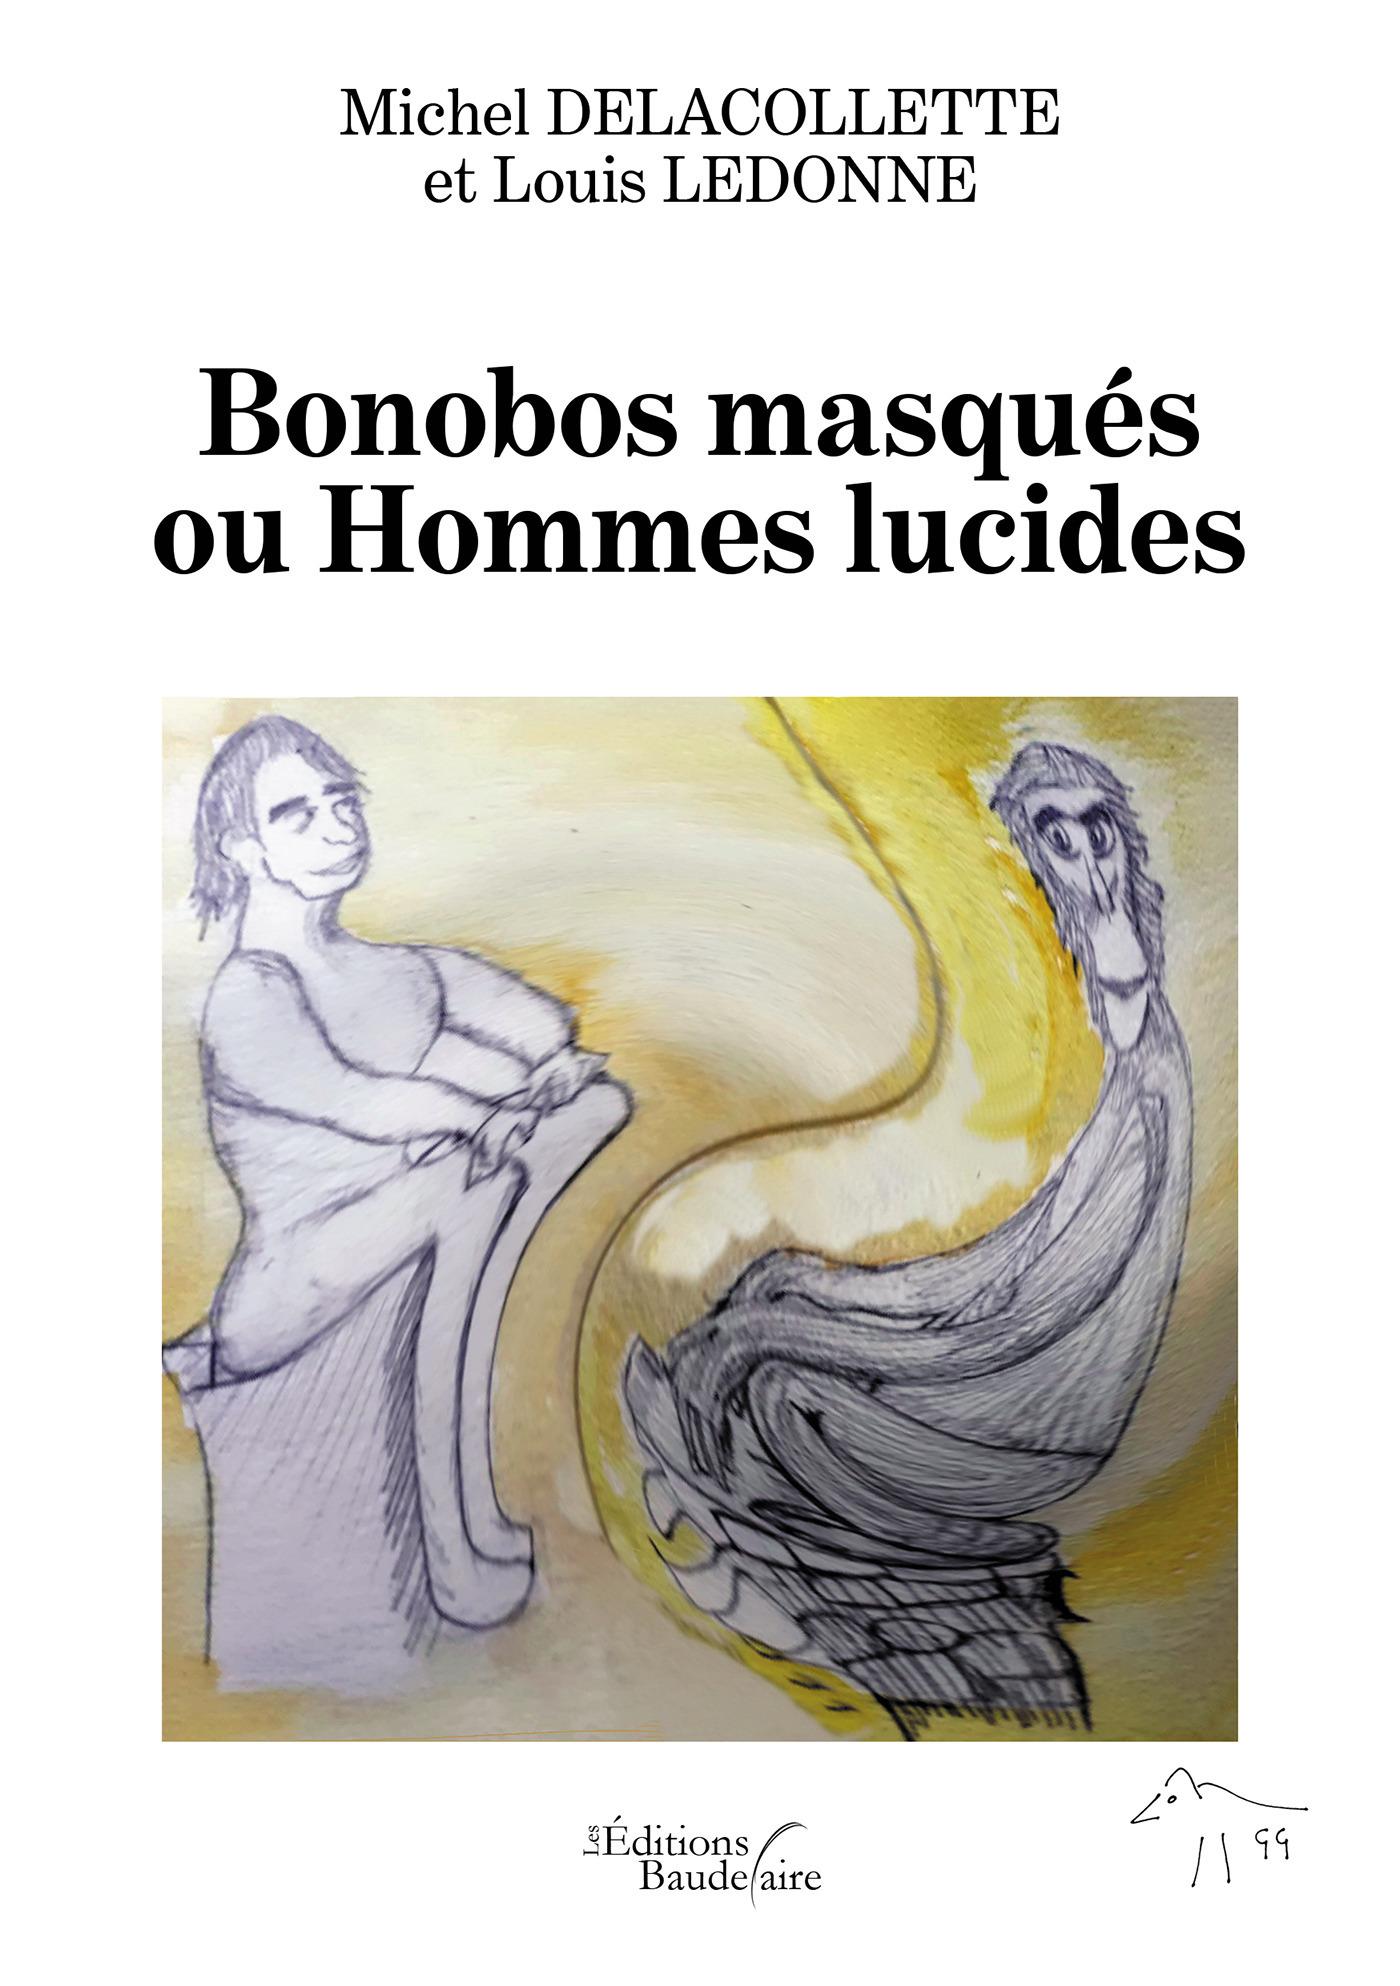 Bonobos masqués ou Hommes lucides